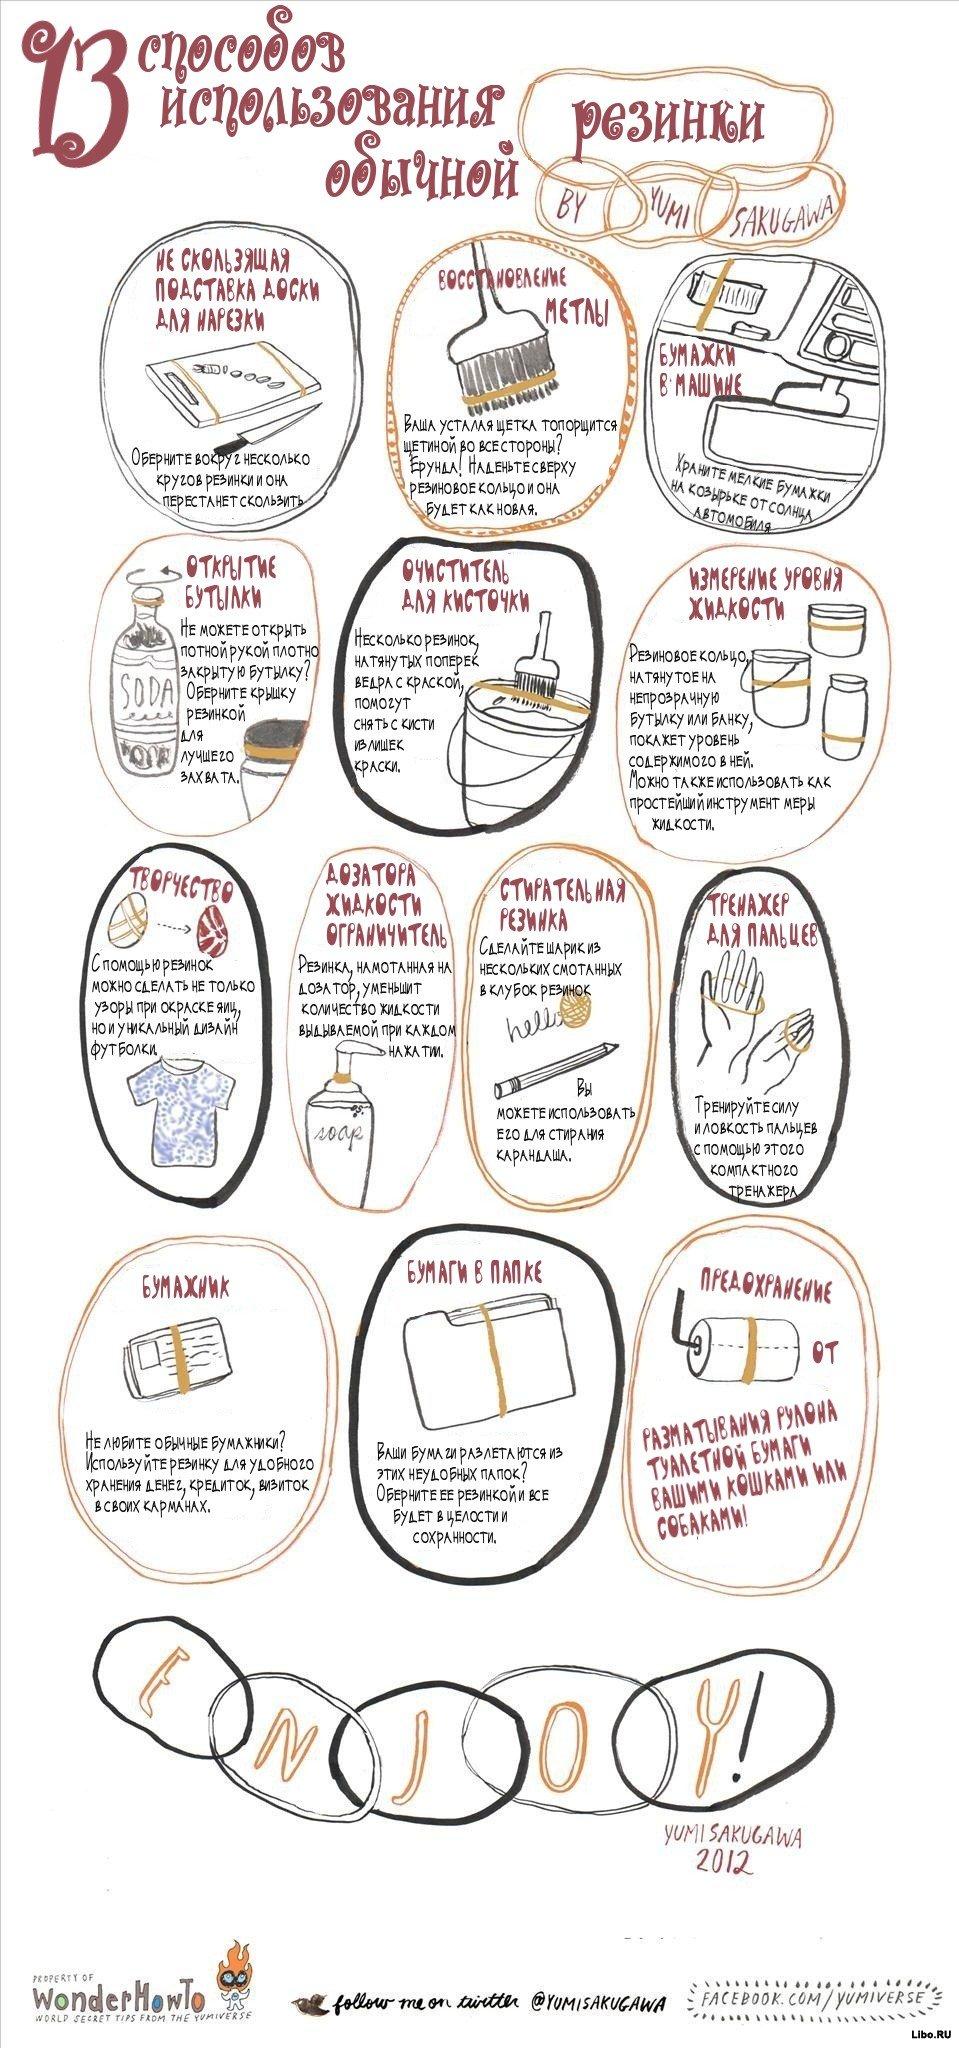 13 необычных способов применения обычной резинки